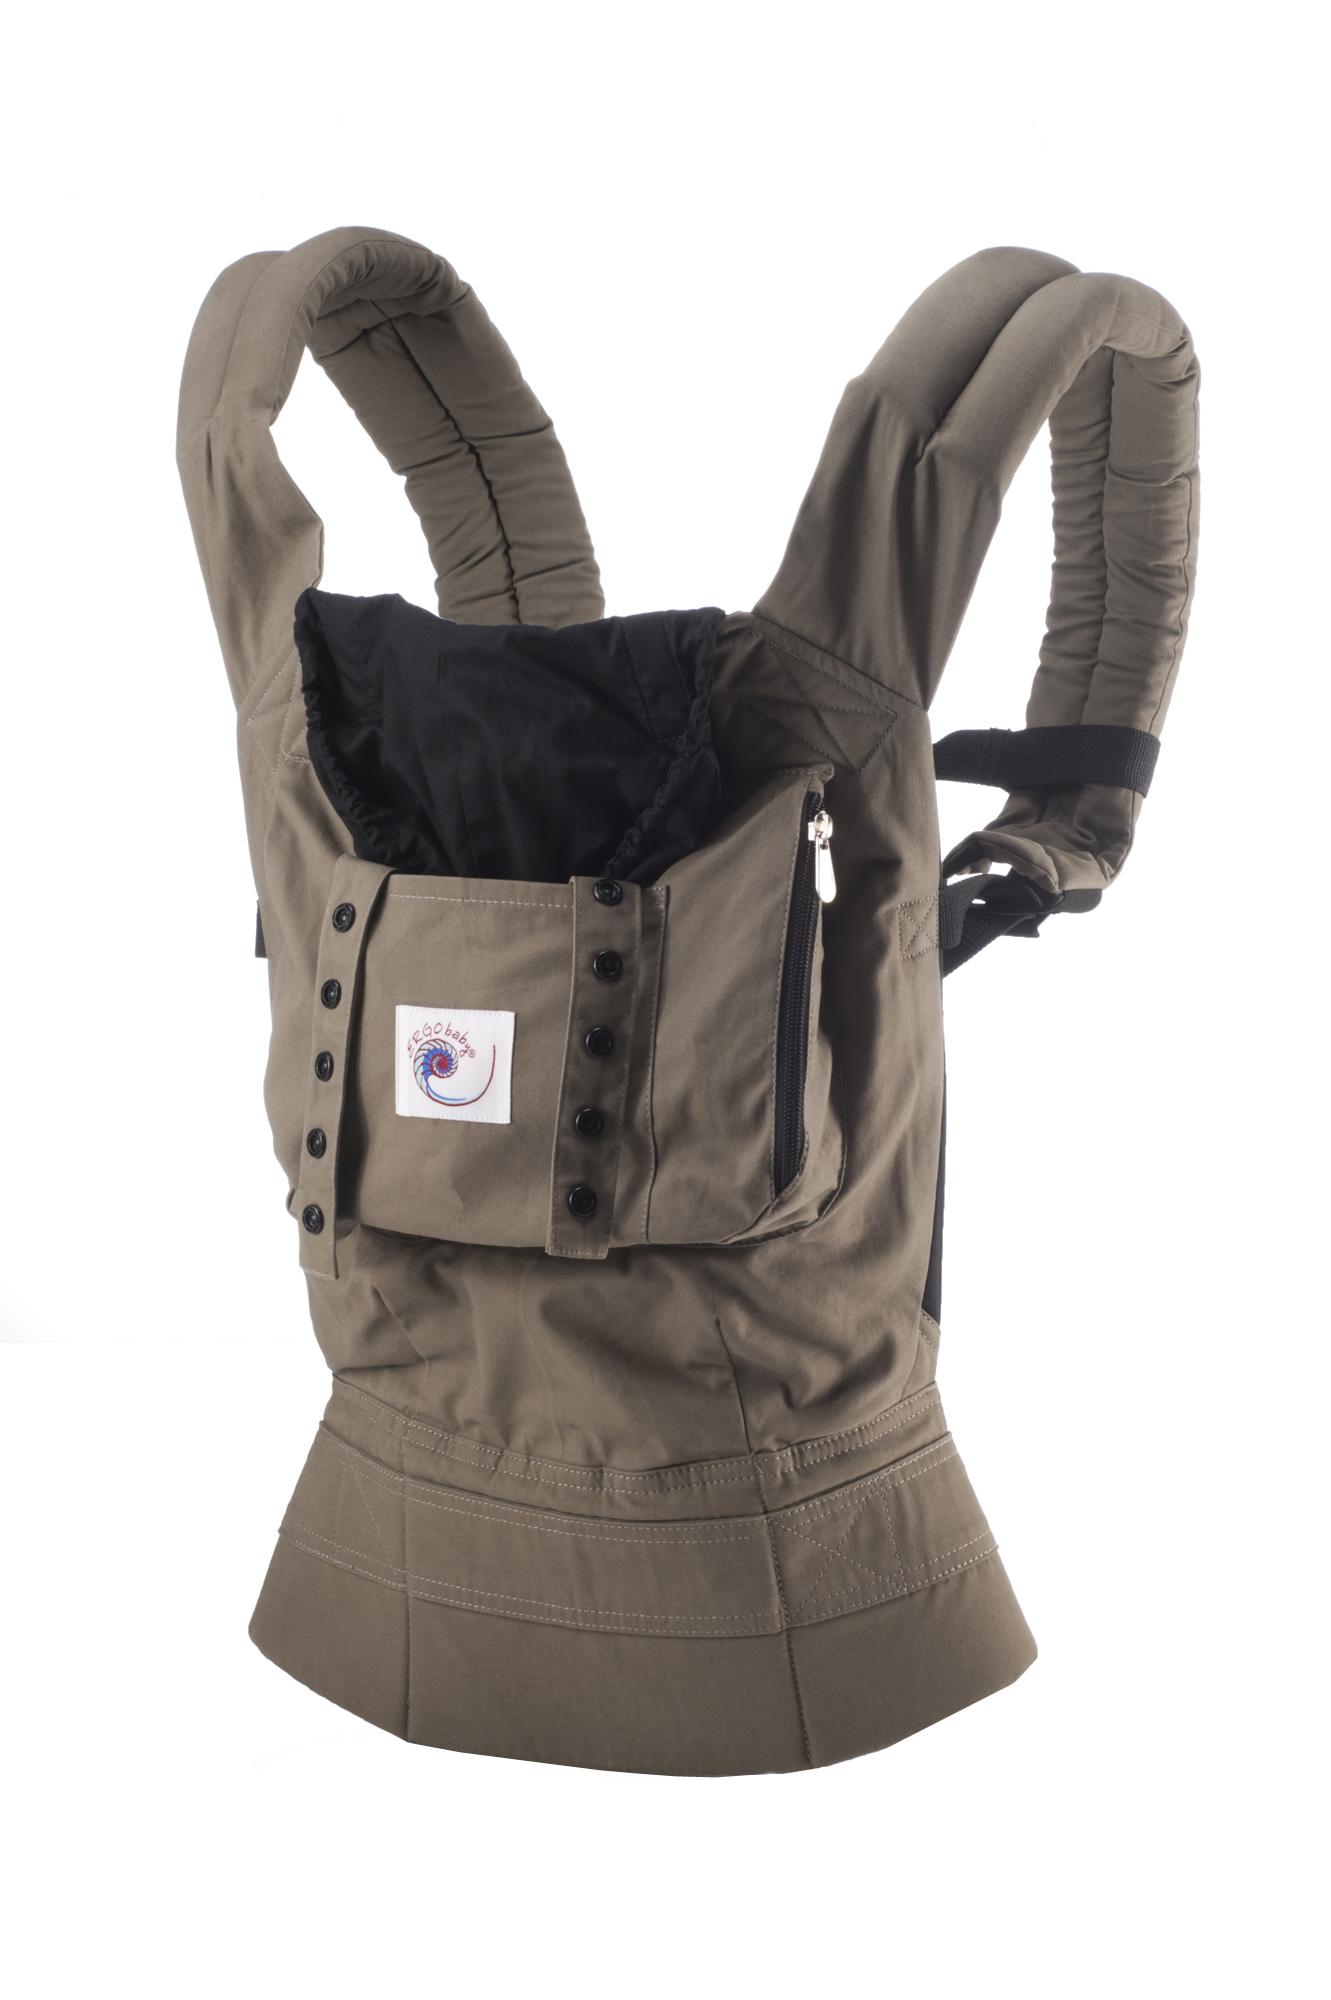 95344af9953 ERGObaby Original Collection Baby Carrier - Aussie Khaki